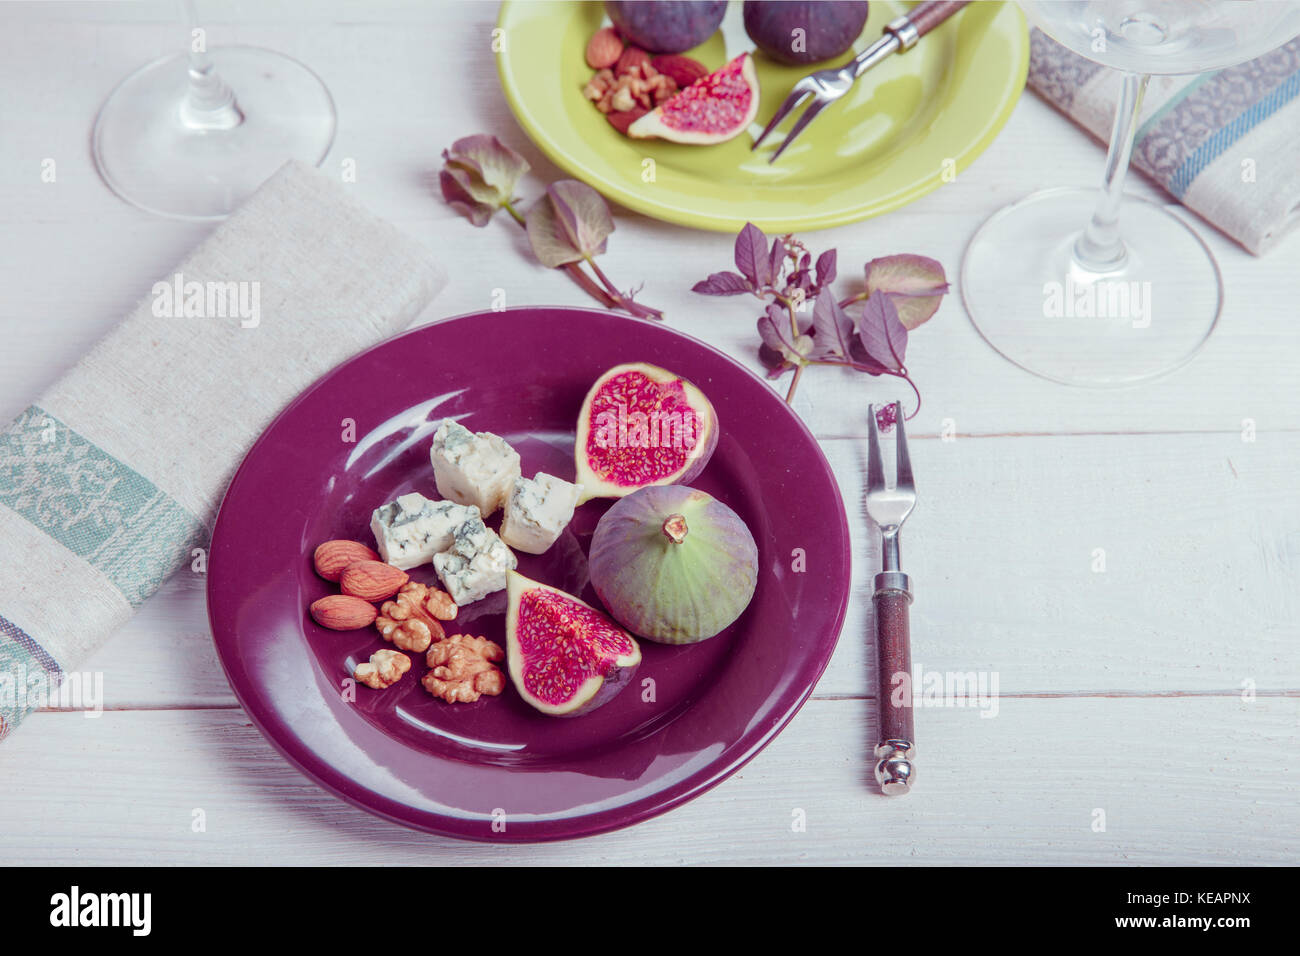 Mit der Tabelle, frische Feigen, Früchte, Beeren, Käse, Nüsse auf weißem Holz- Hintergrund Stockbild